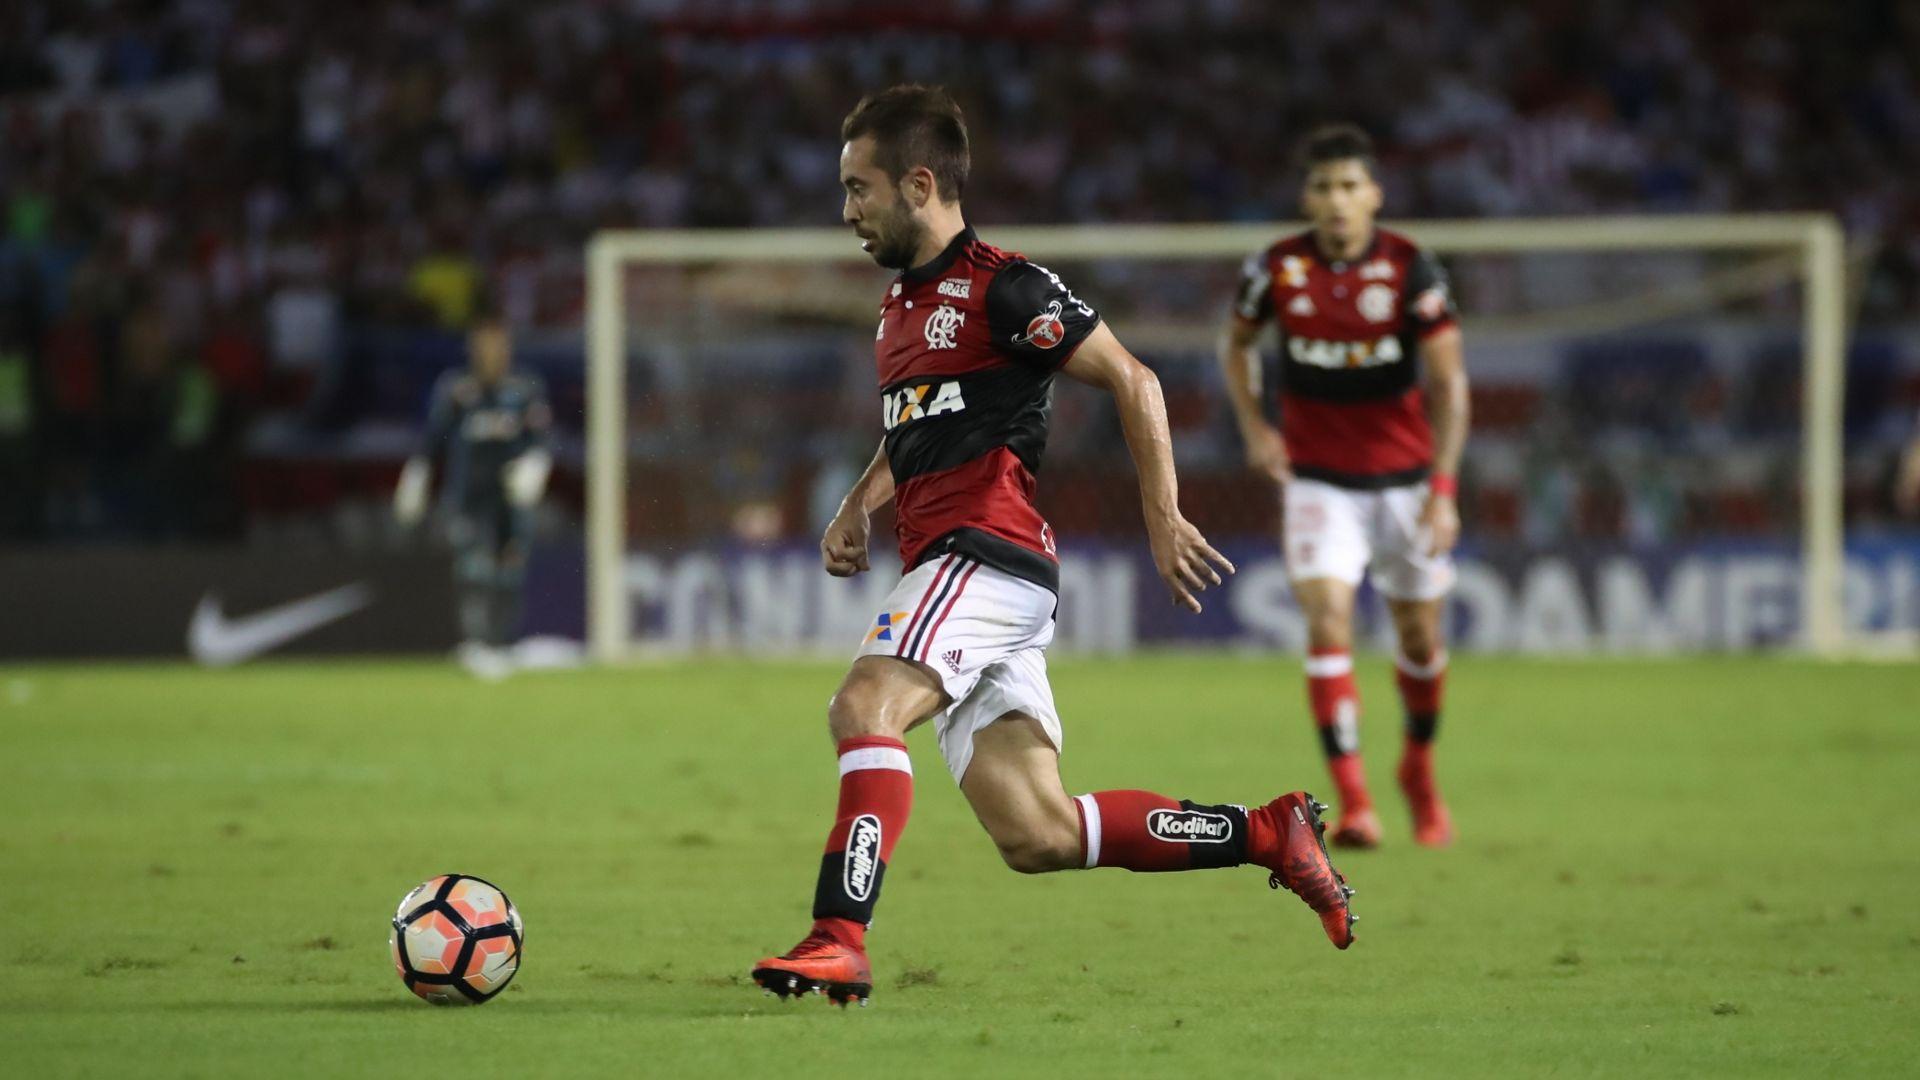 Ídolo do Independiente visita equipe antes da final da Sul-Americana